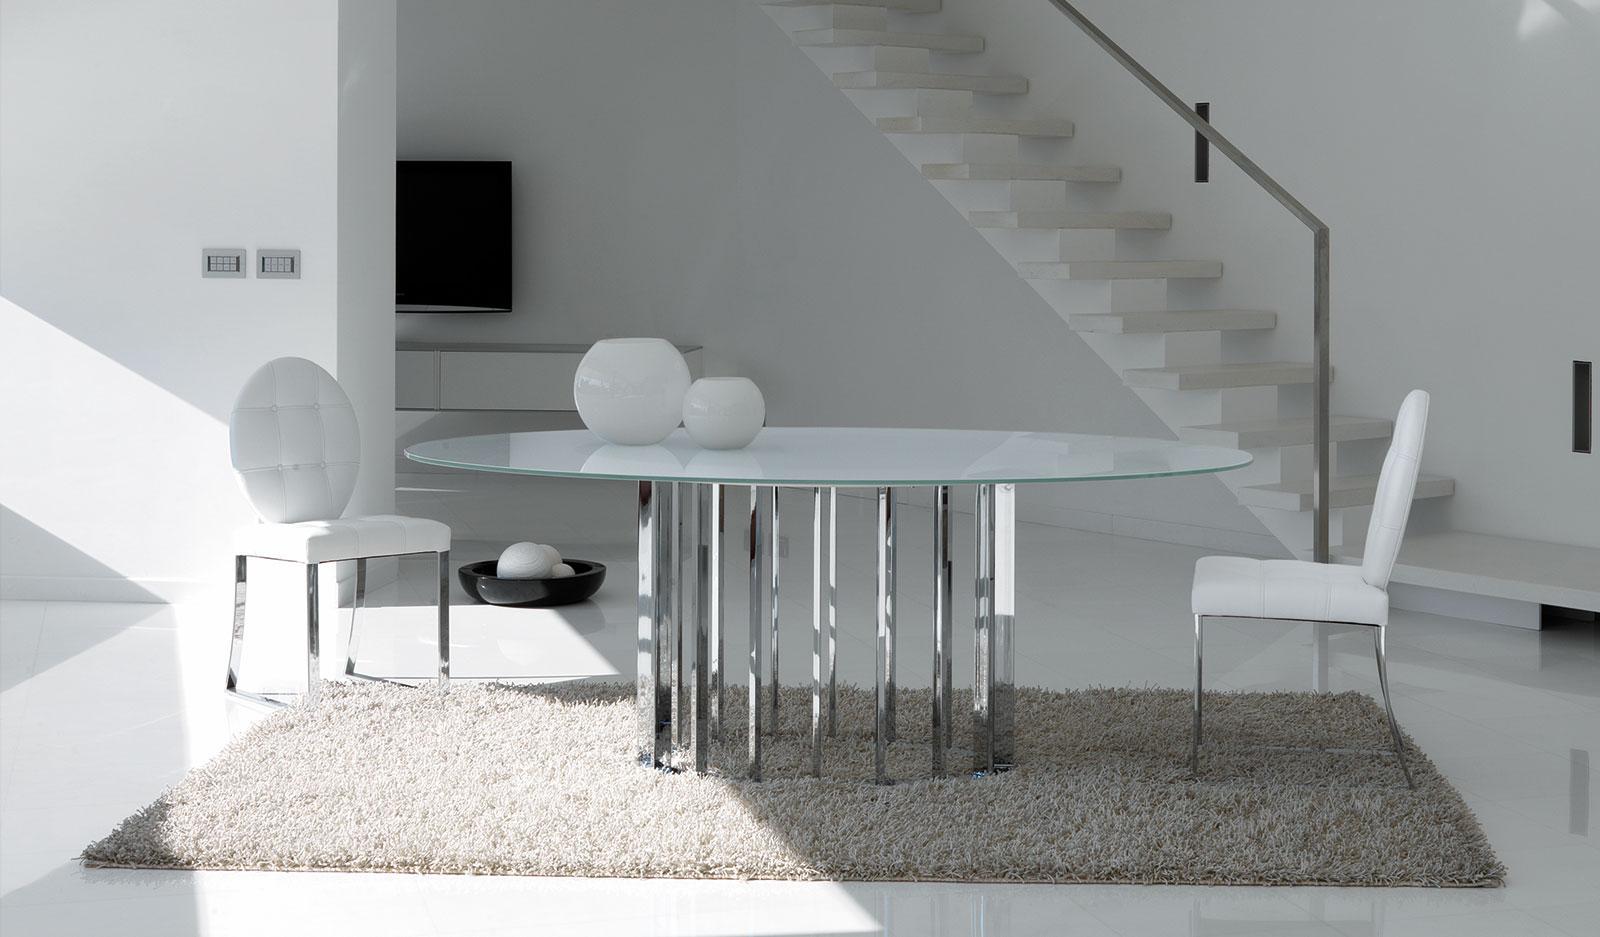 Sedia Imbottita Design : Parisienne sedia imbottita metallo cromato e pelle italy dream design